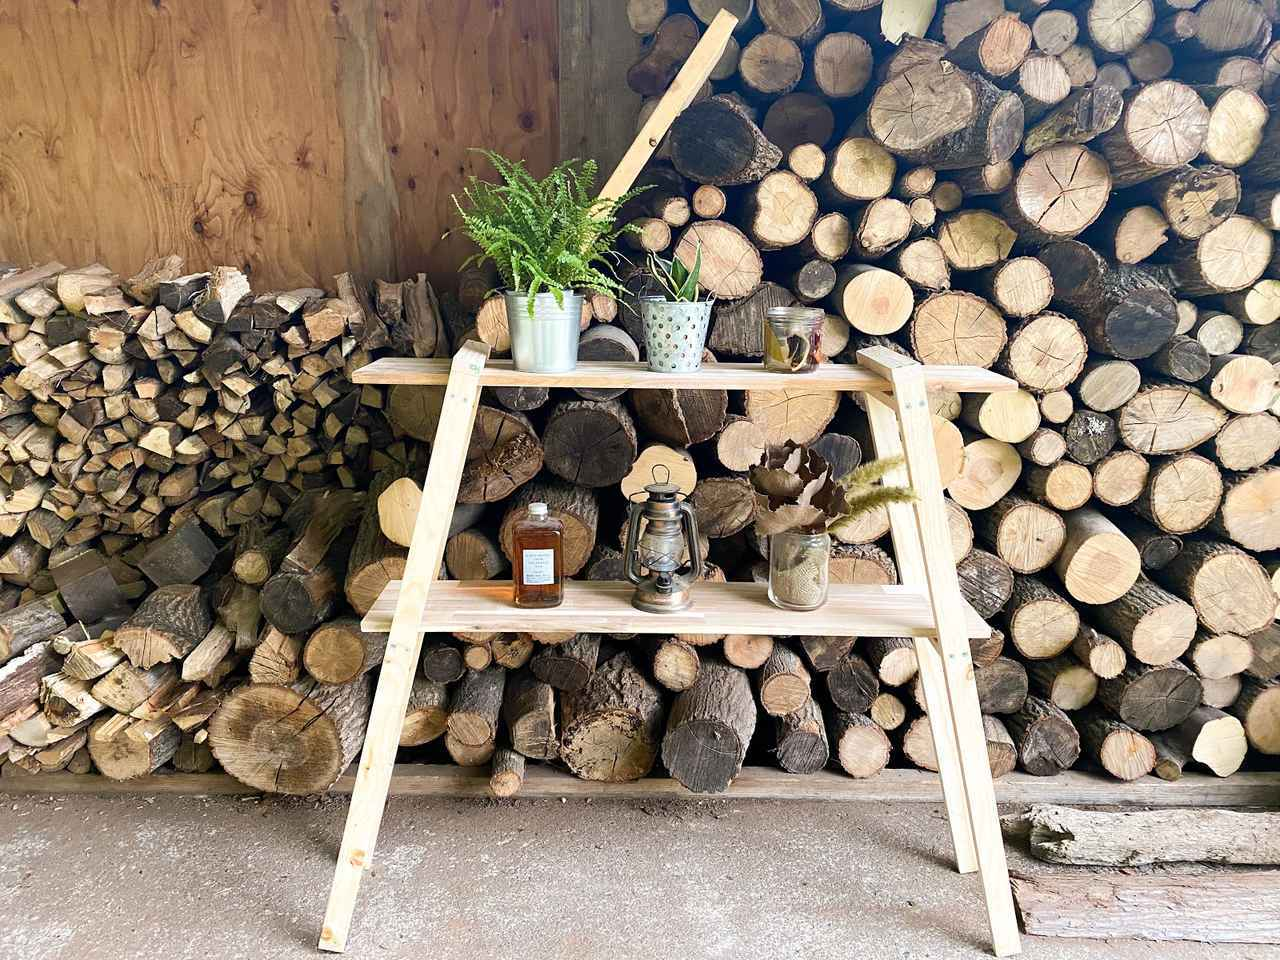 画像: 【初心者向けDIY】アカシア木材でシェルフ作り! 基本の道具や簡単手順をご紹介 - ハピキャン(HAPPY CAMPER)